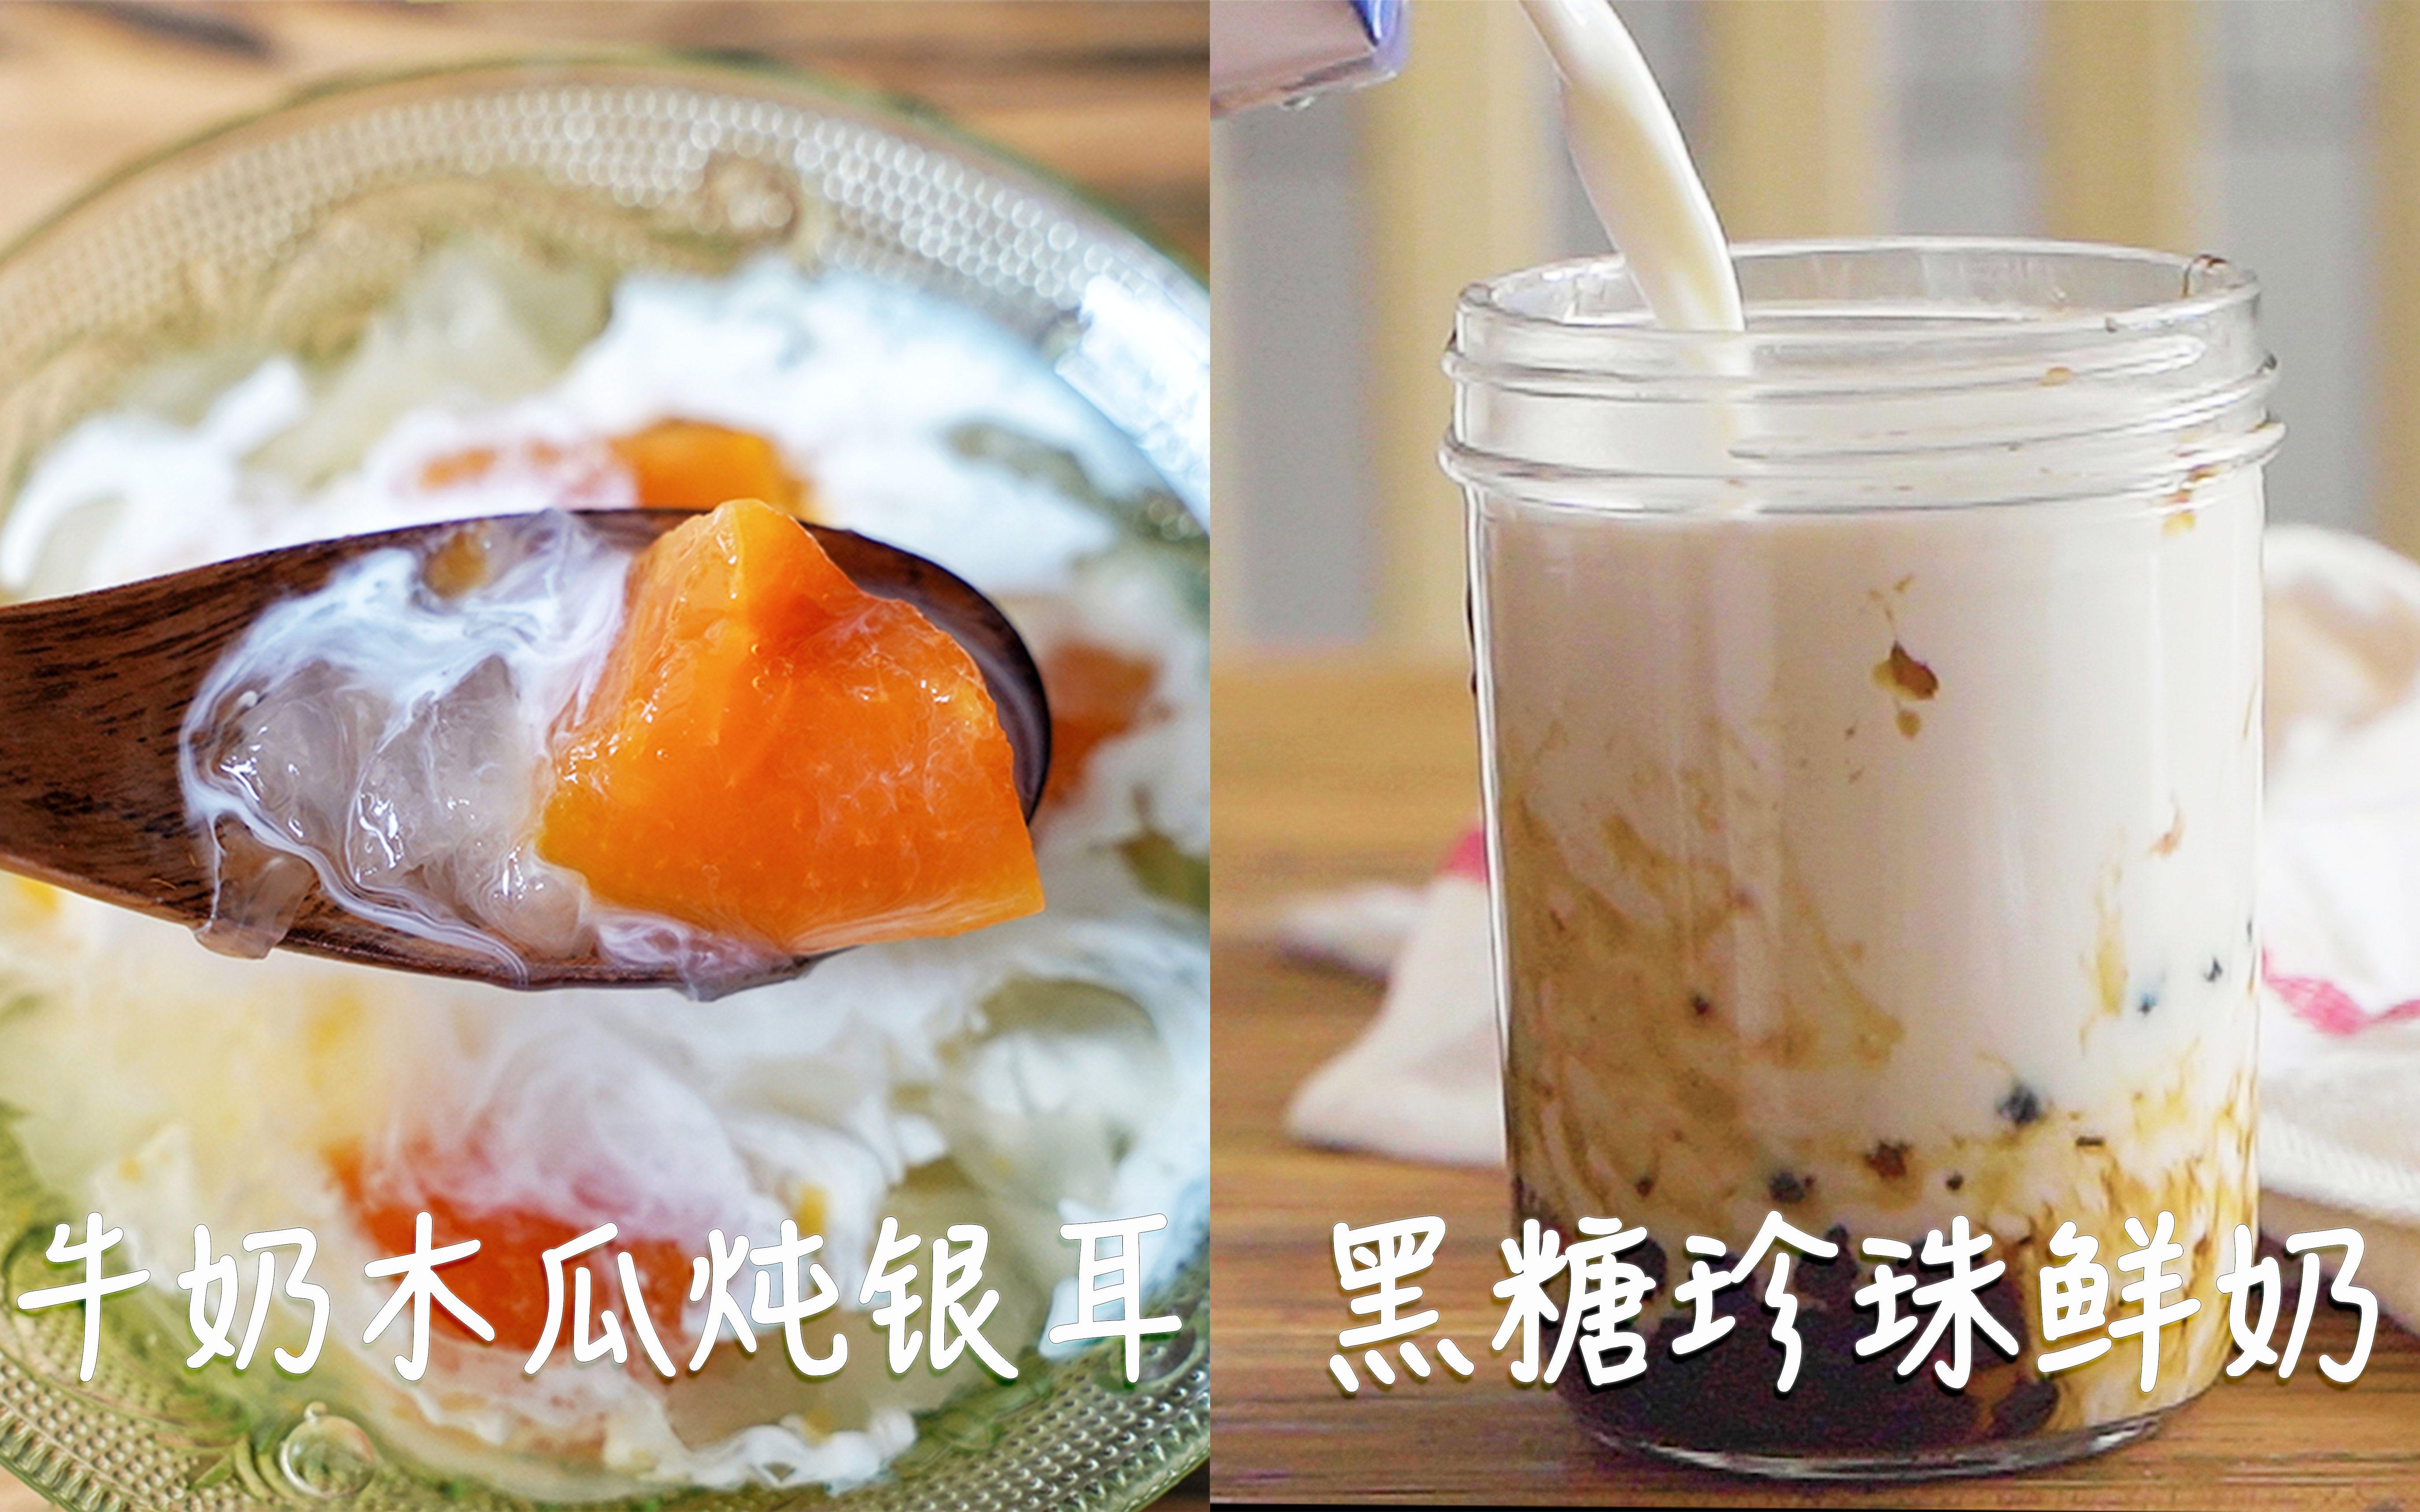 【东篱】春日牛奶饮, 养肤之露【牛奶木瓜炖银耳】与快乐鲜奶【黑糖珍珠鲜奶】, 糯糯的, QQ的, 喝着心儿美, 皮肤也越来越美。